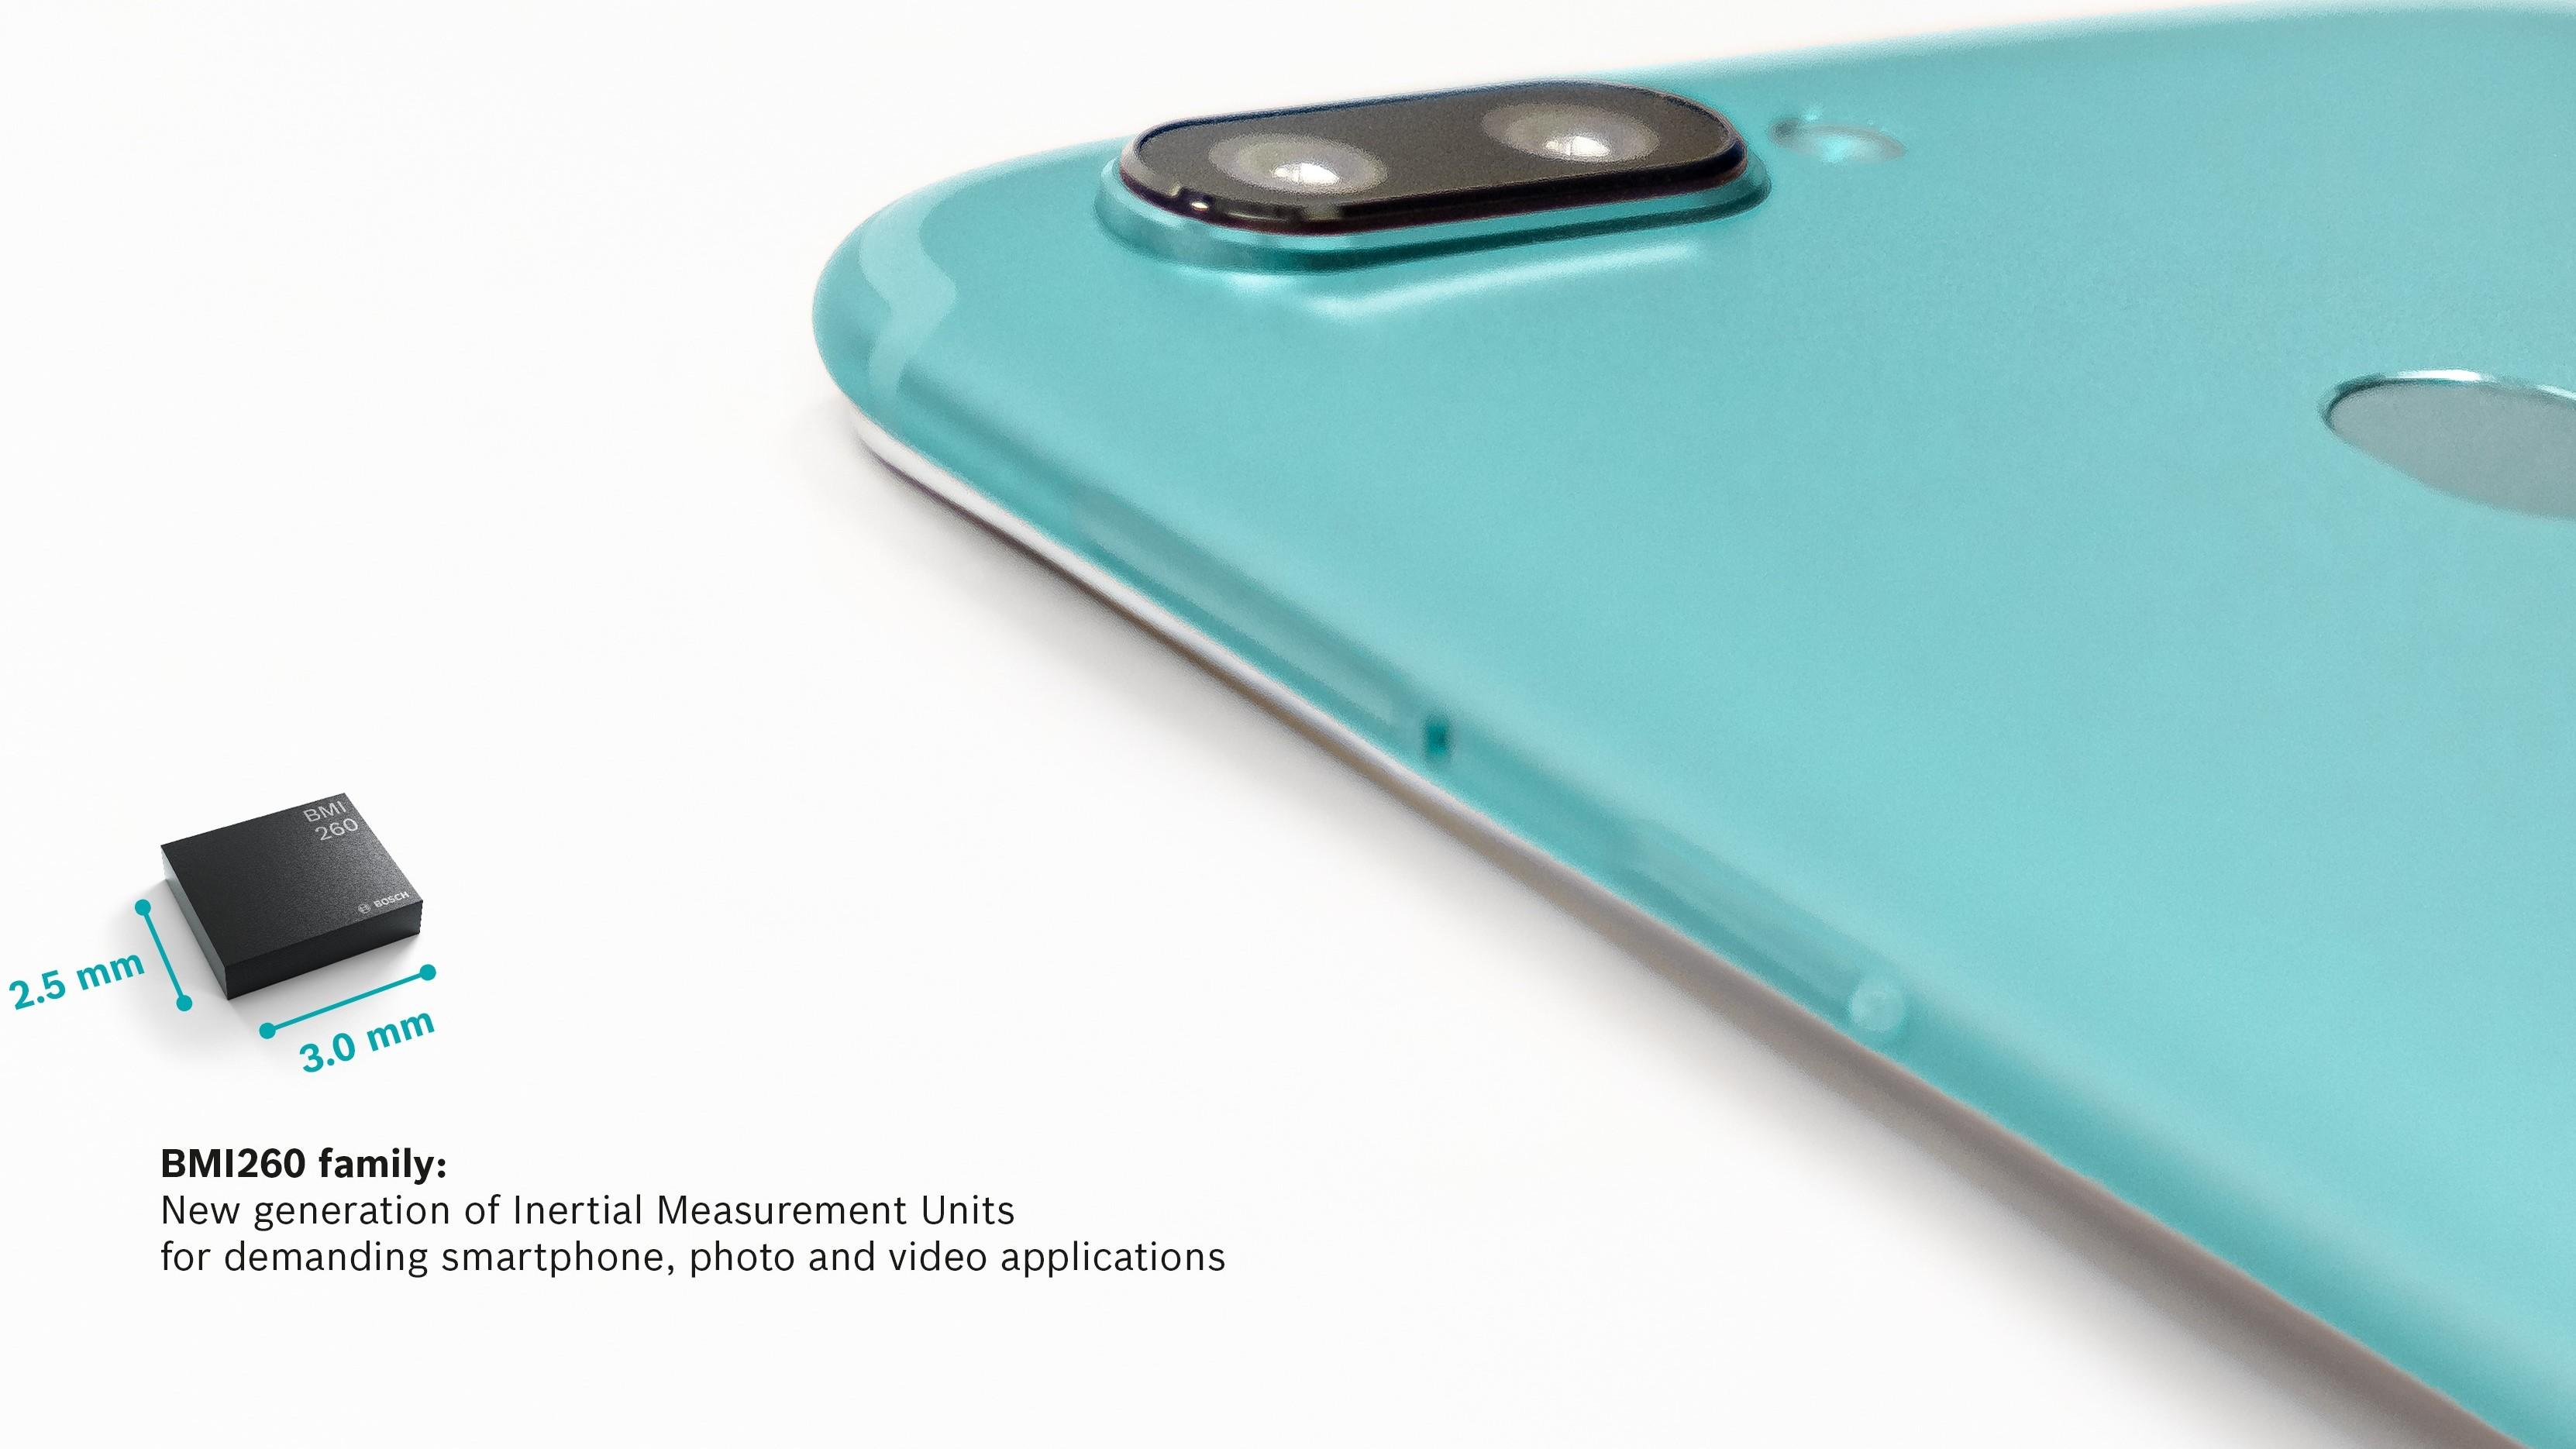 Bosch lanceert de BMI260-familie: een nieuwe generatie IMU's geoptimaliseerd voor smartphoneapplicaties